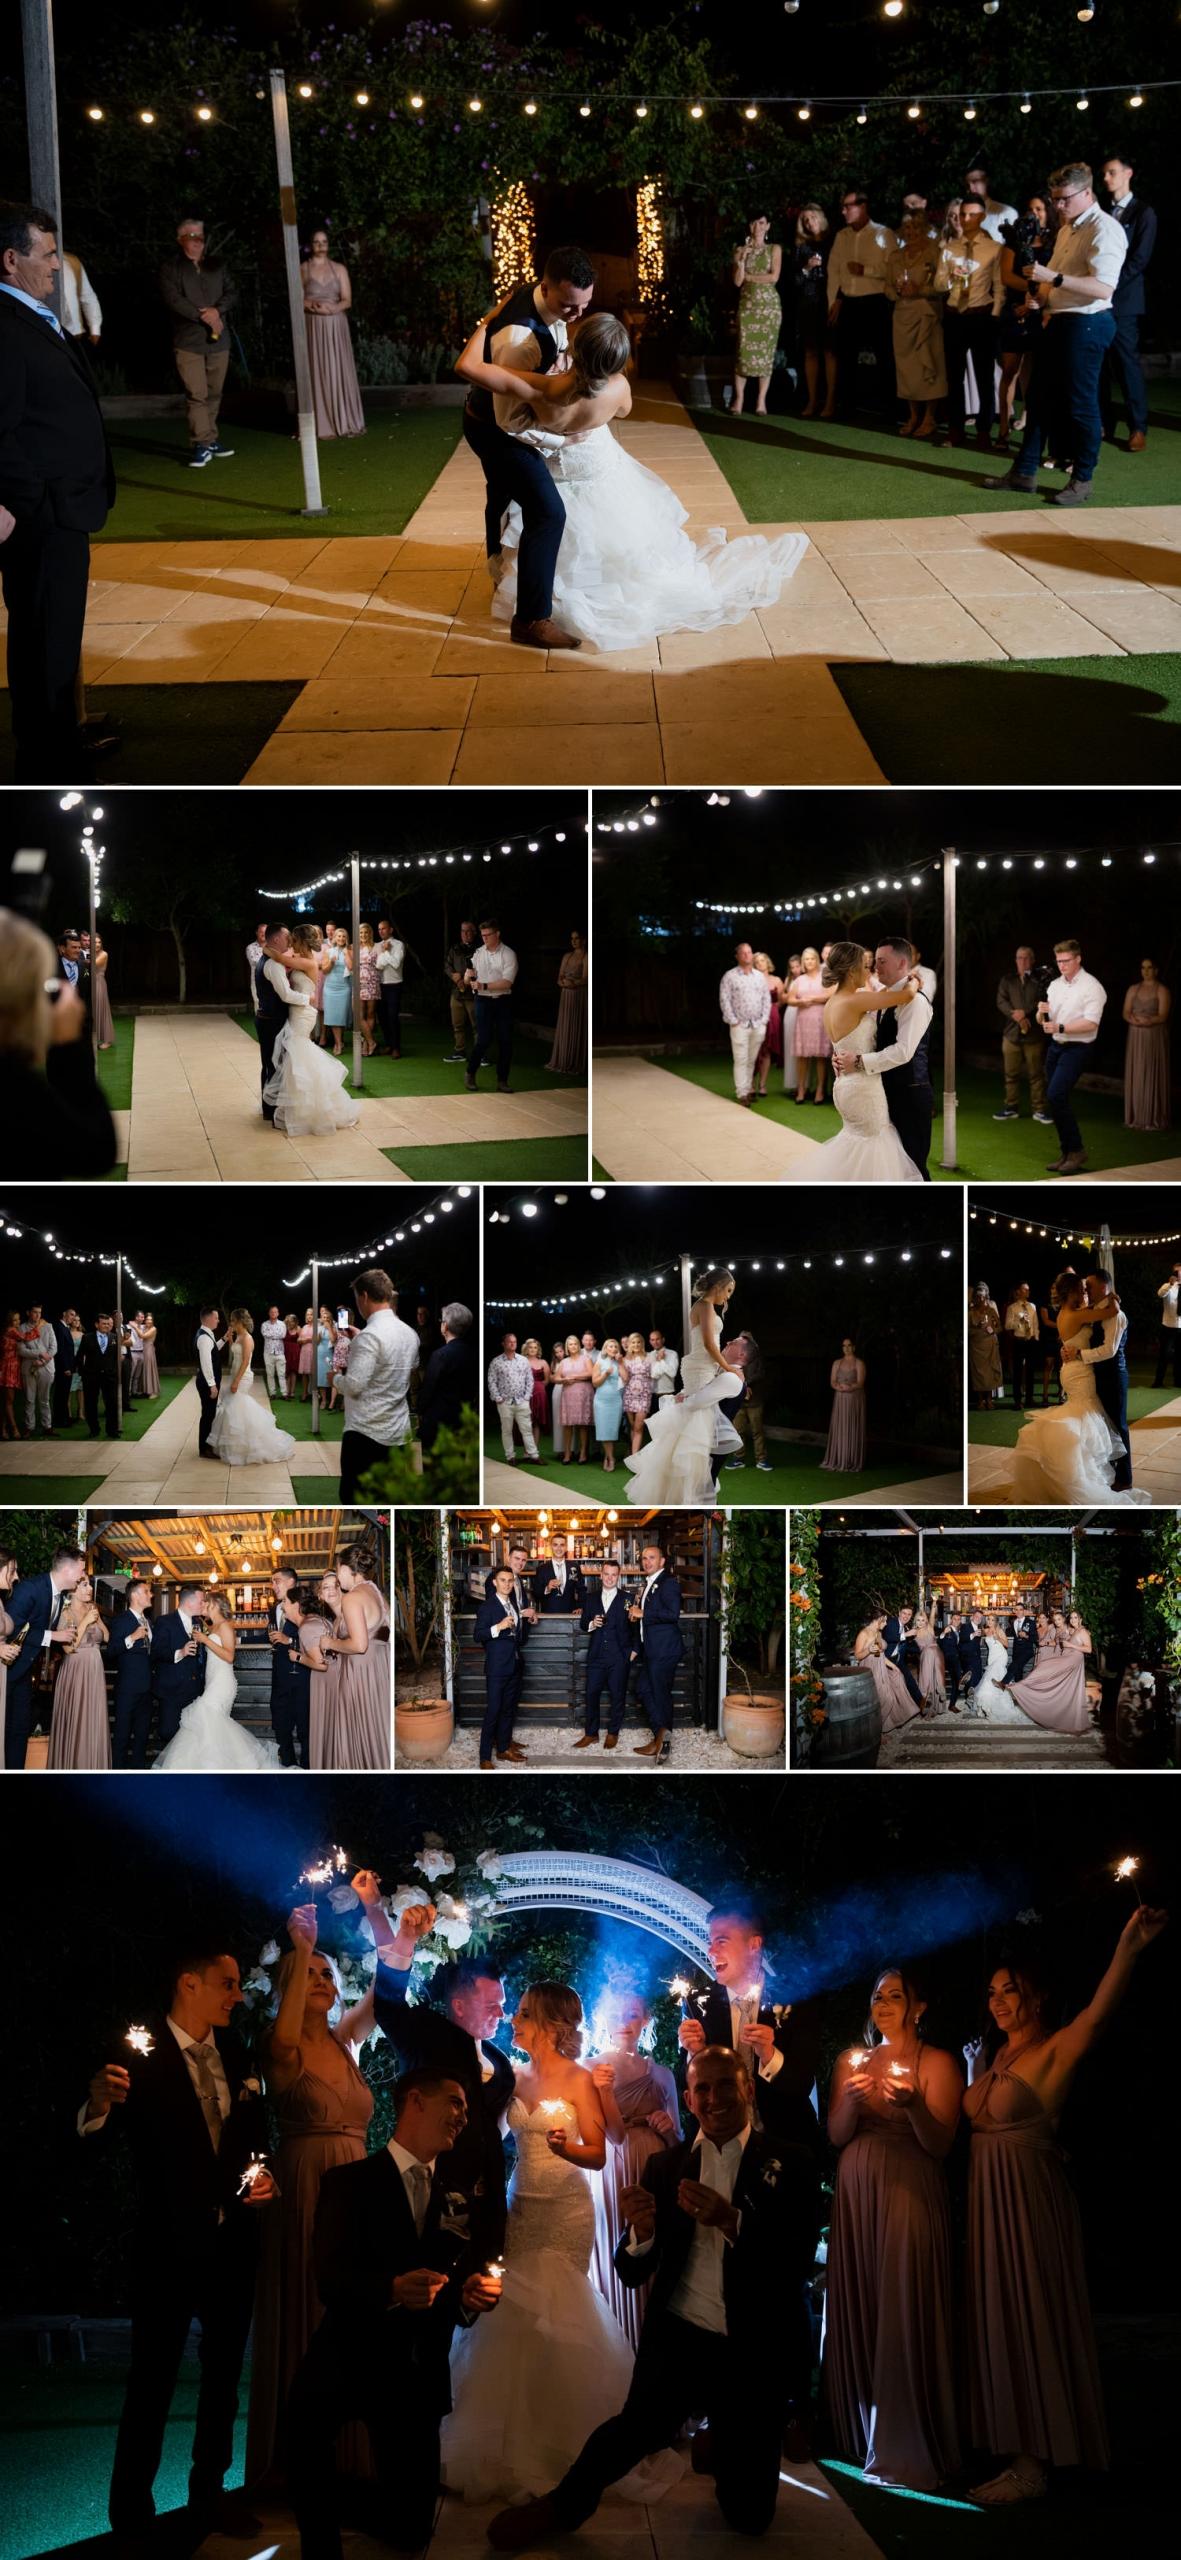 Wedding reception photos at Osteria Casuarina